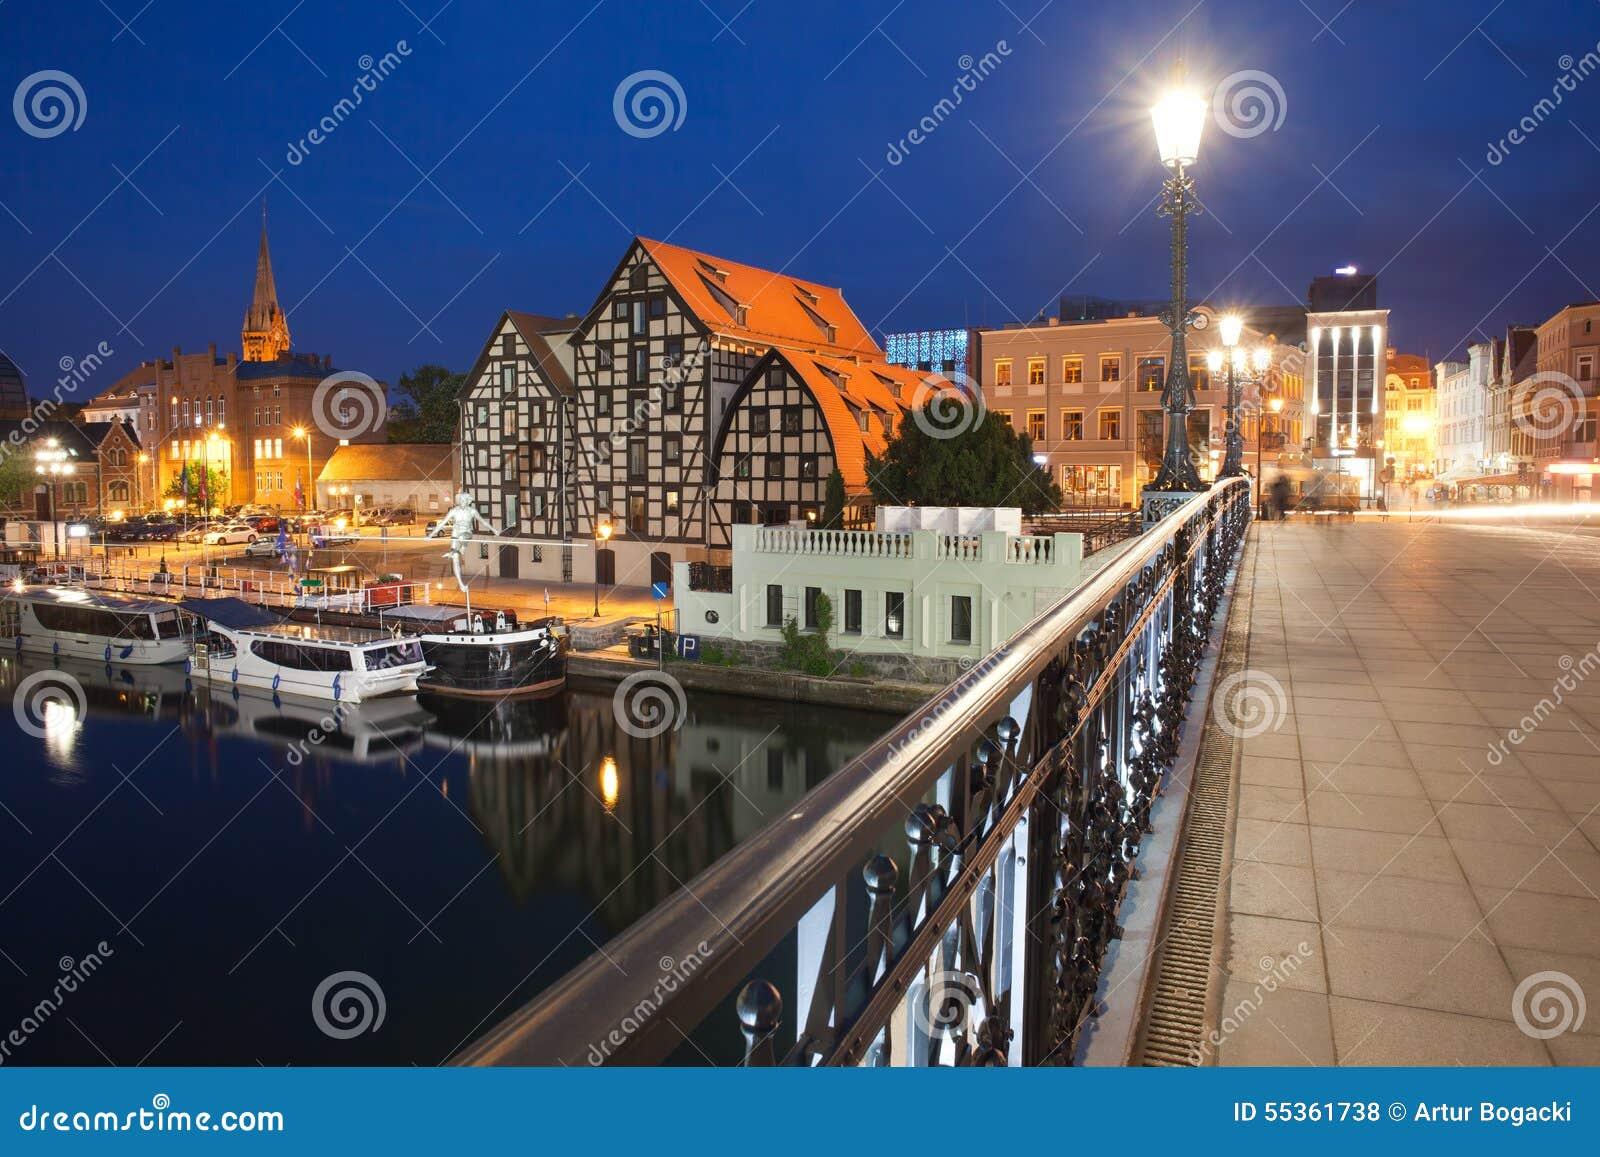 Paesaggio urbano di notte di Bydgoszcz in Polonia